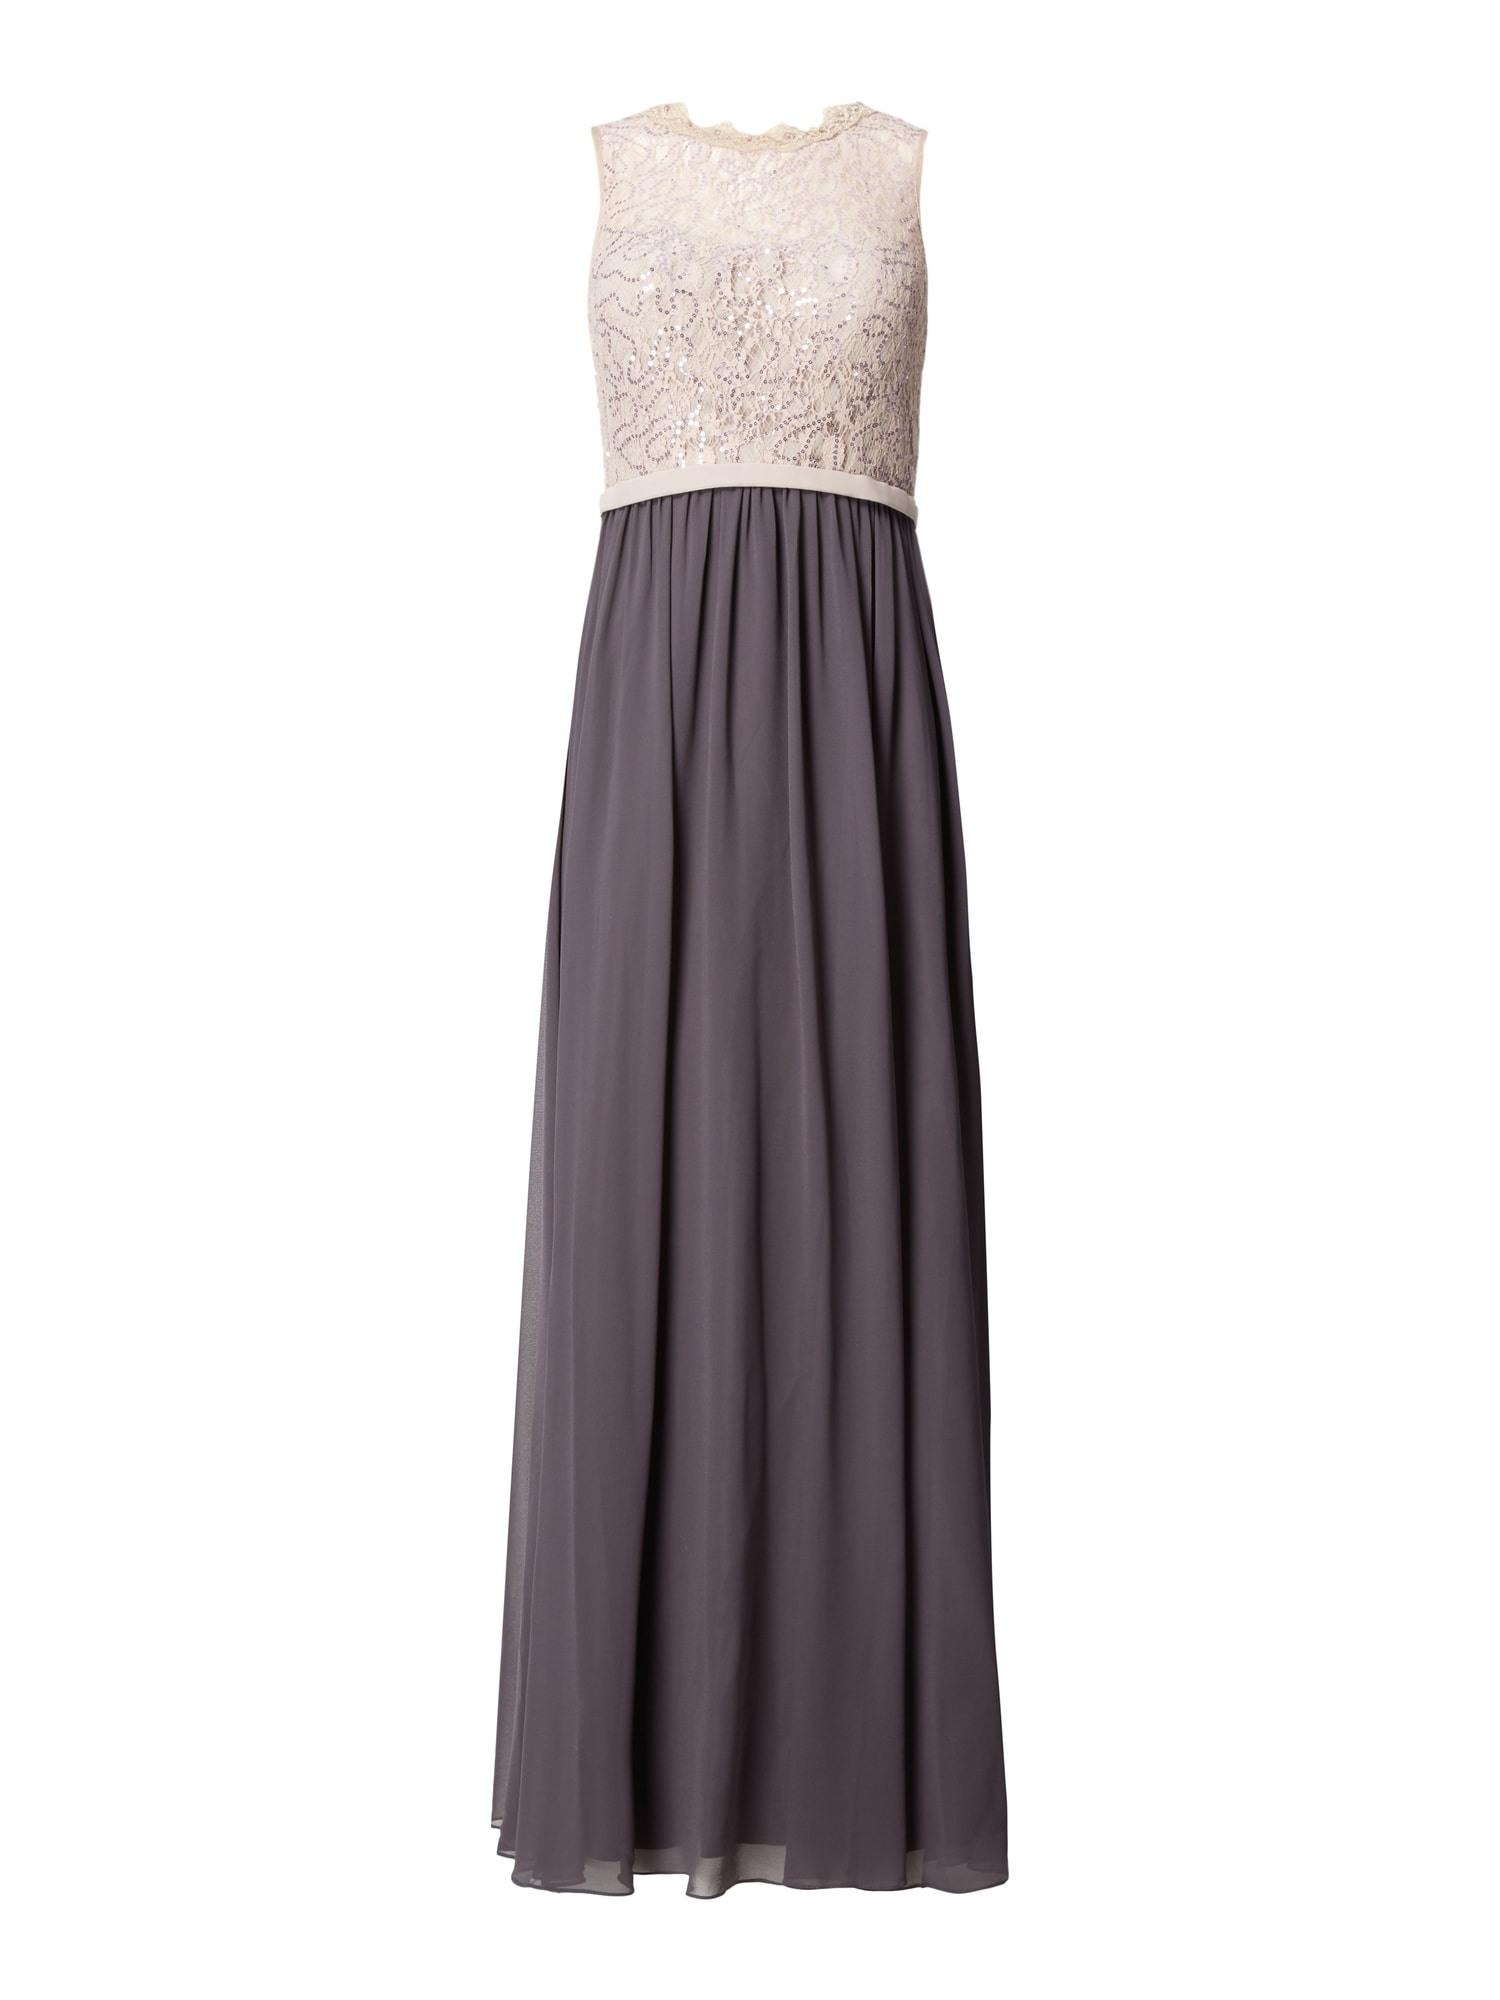 15 Luxus Beste Abendkleider Online Shop VertriebDesigner Genial Beste Abendkleider Online Shop Galerie